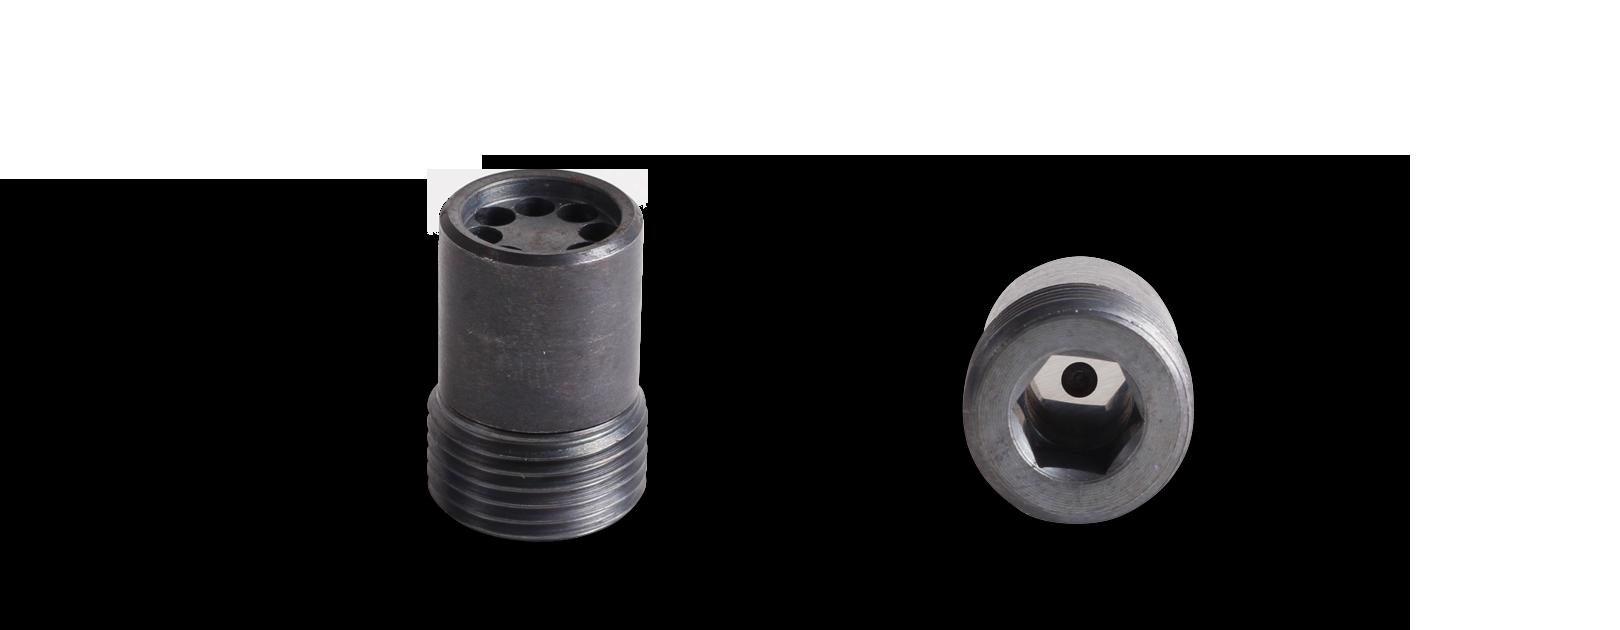 Platten-Rückschlagventil Einschraub-Hydraulikventil Sperrung gegen Einbaurichtung